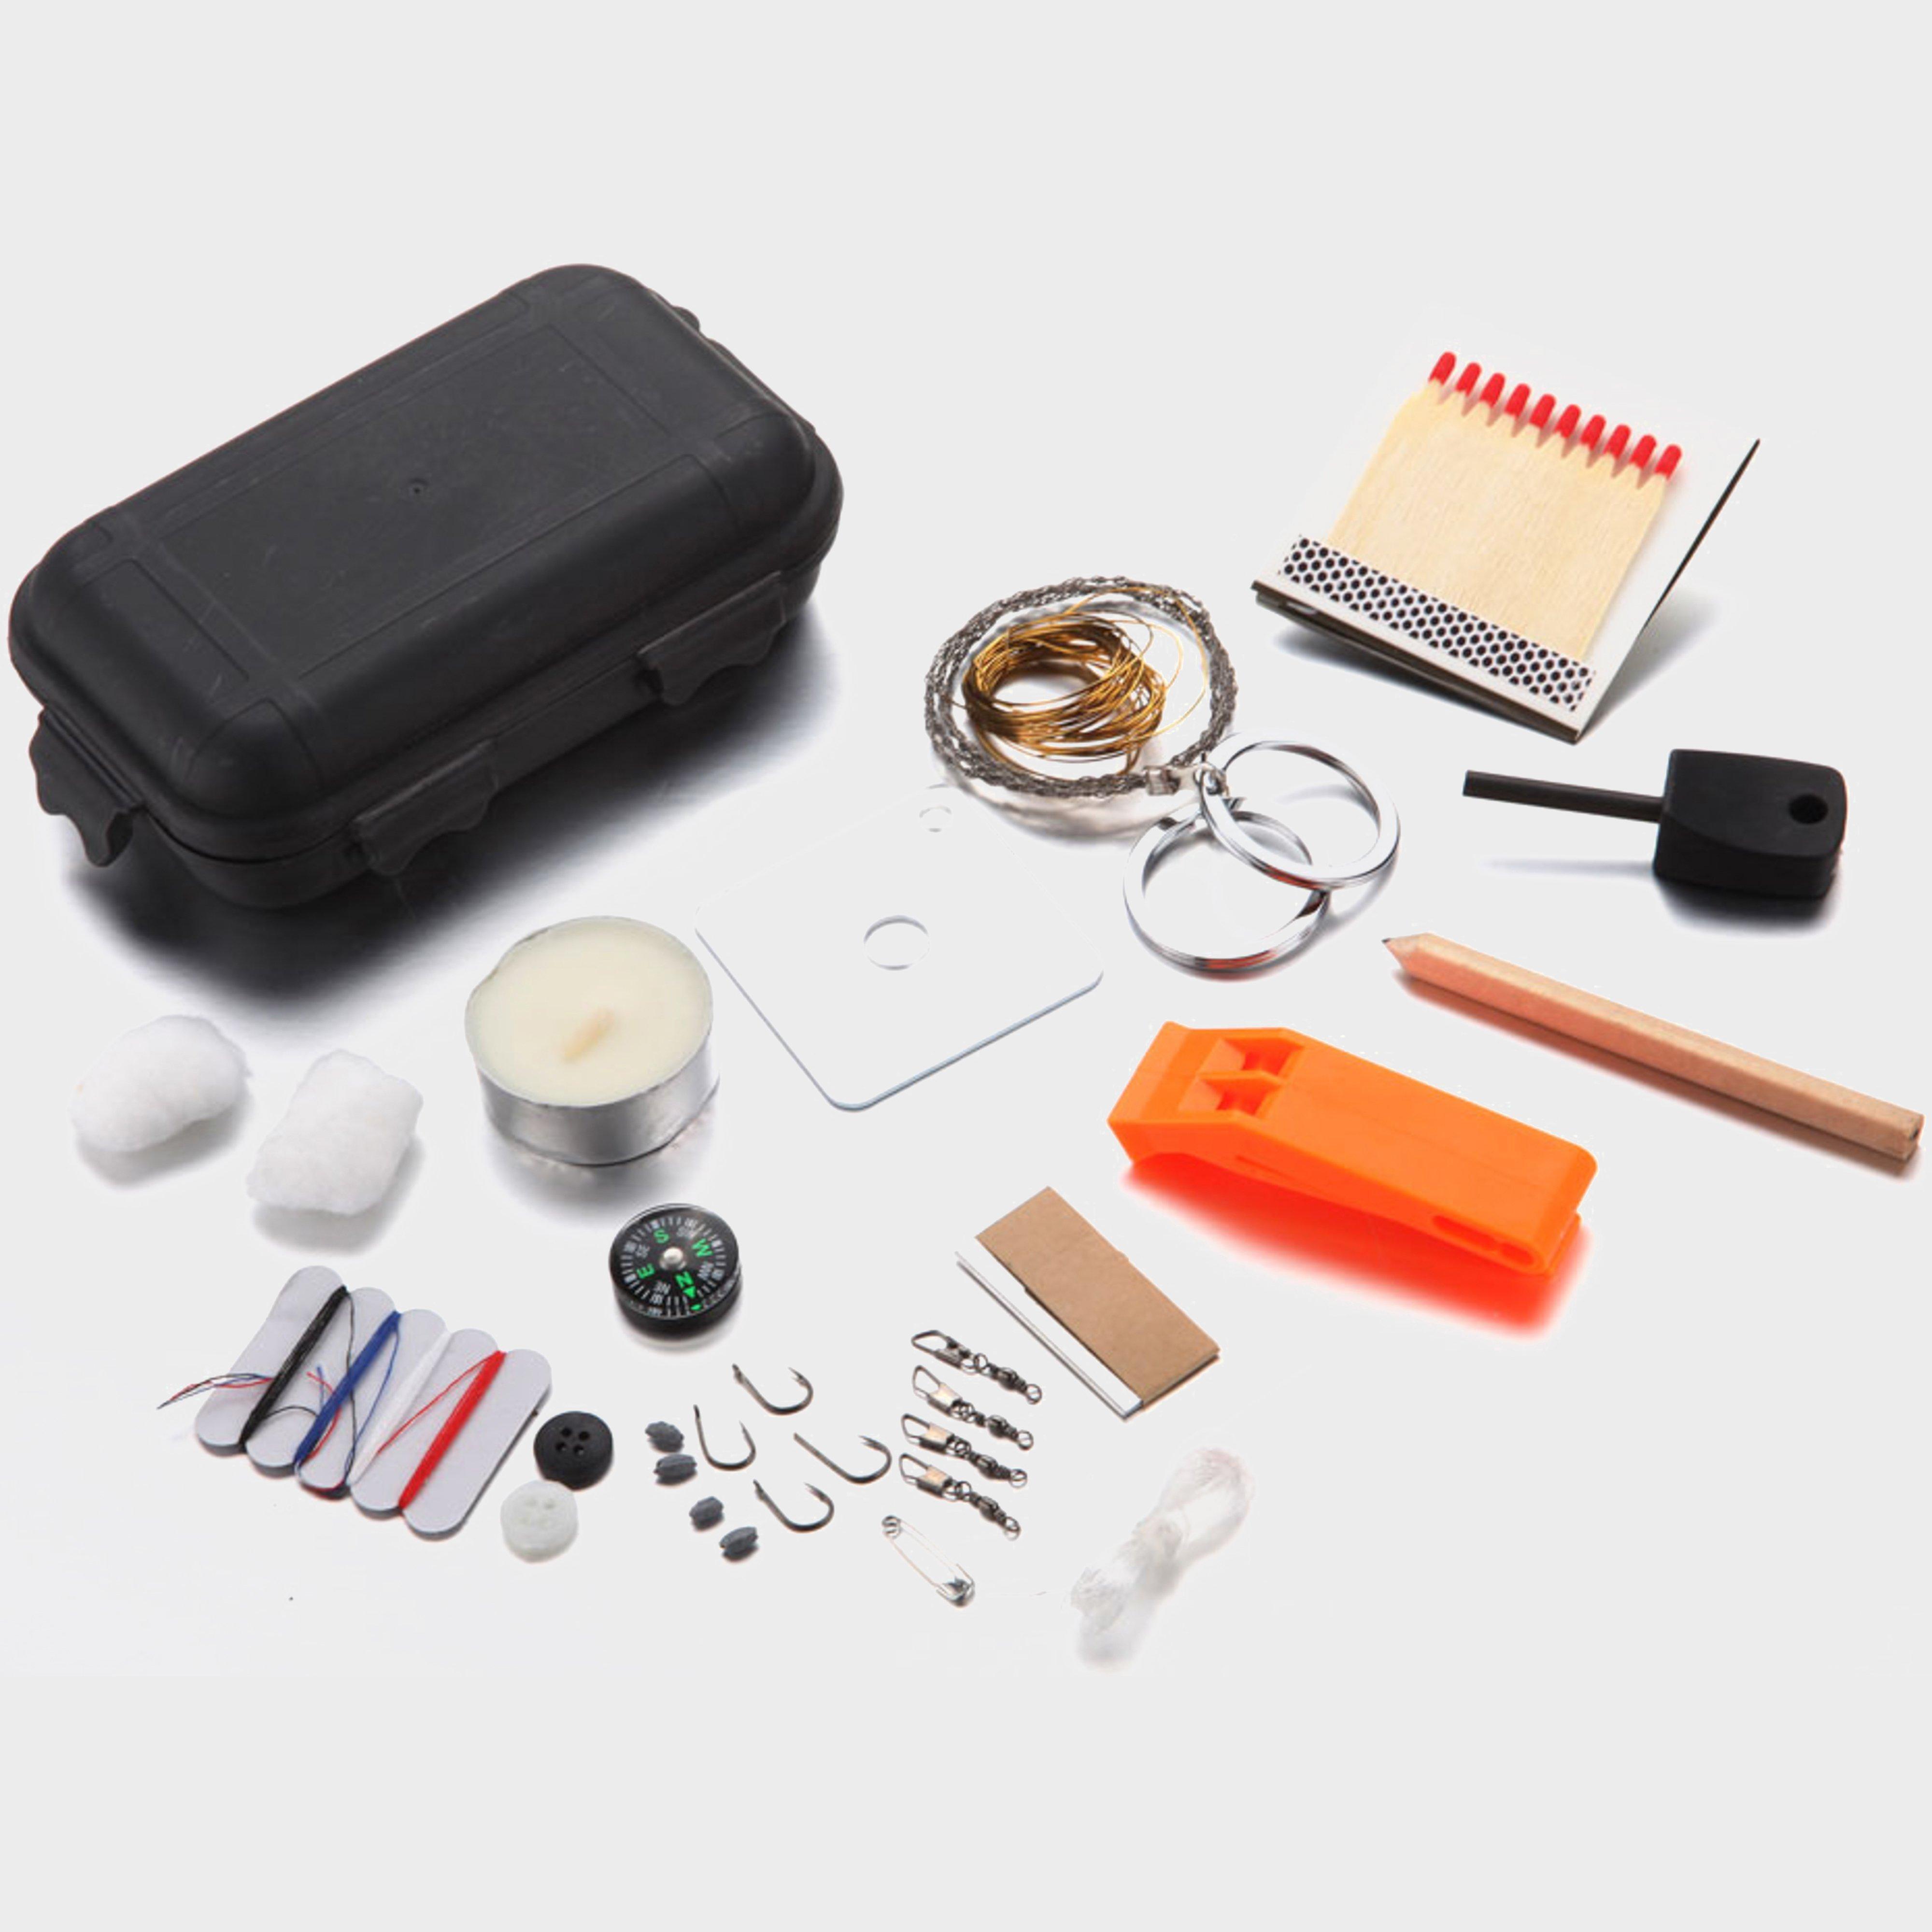 Oex Oex Survival Kit